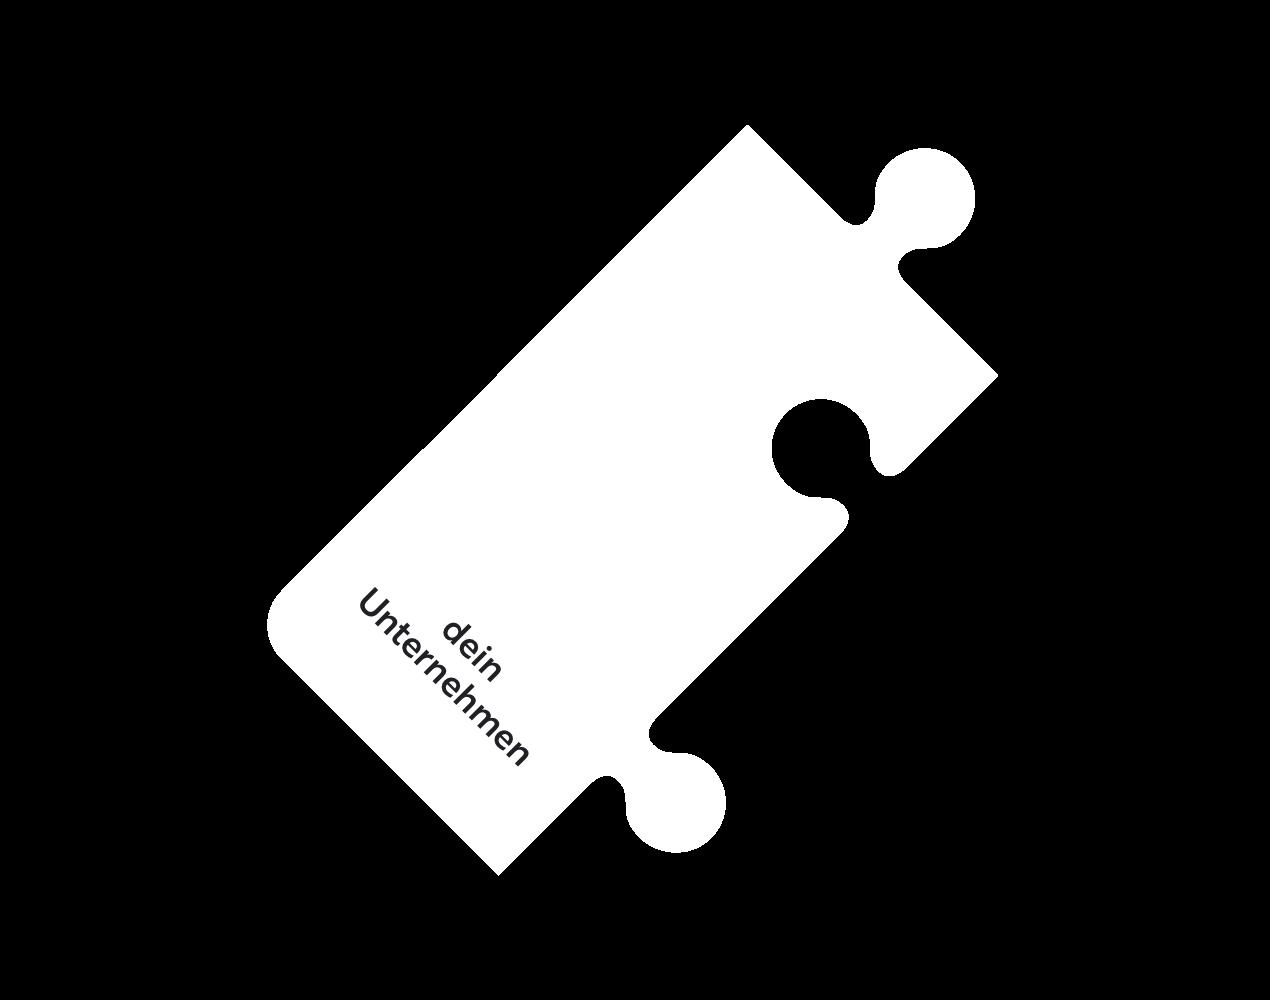 assets::enterprise-fullfillment-puzzle@2x.png